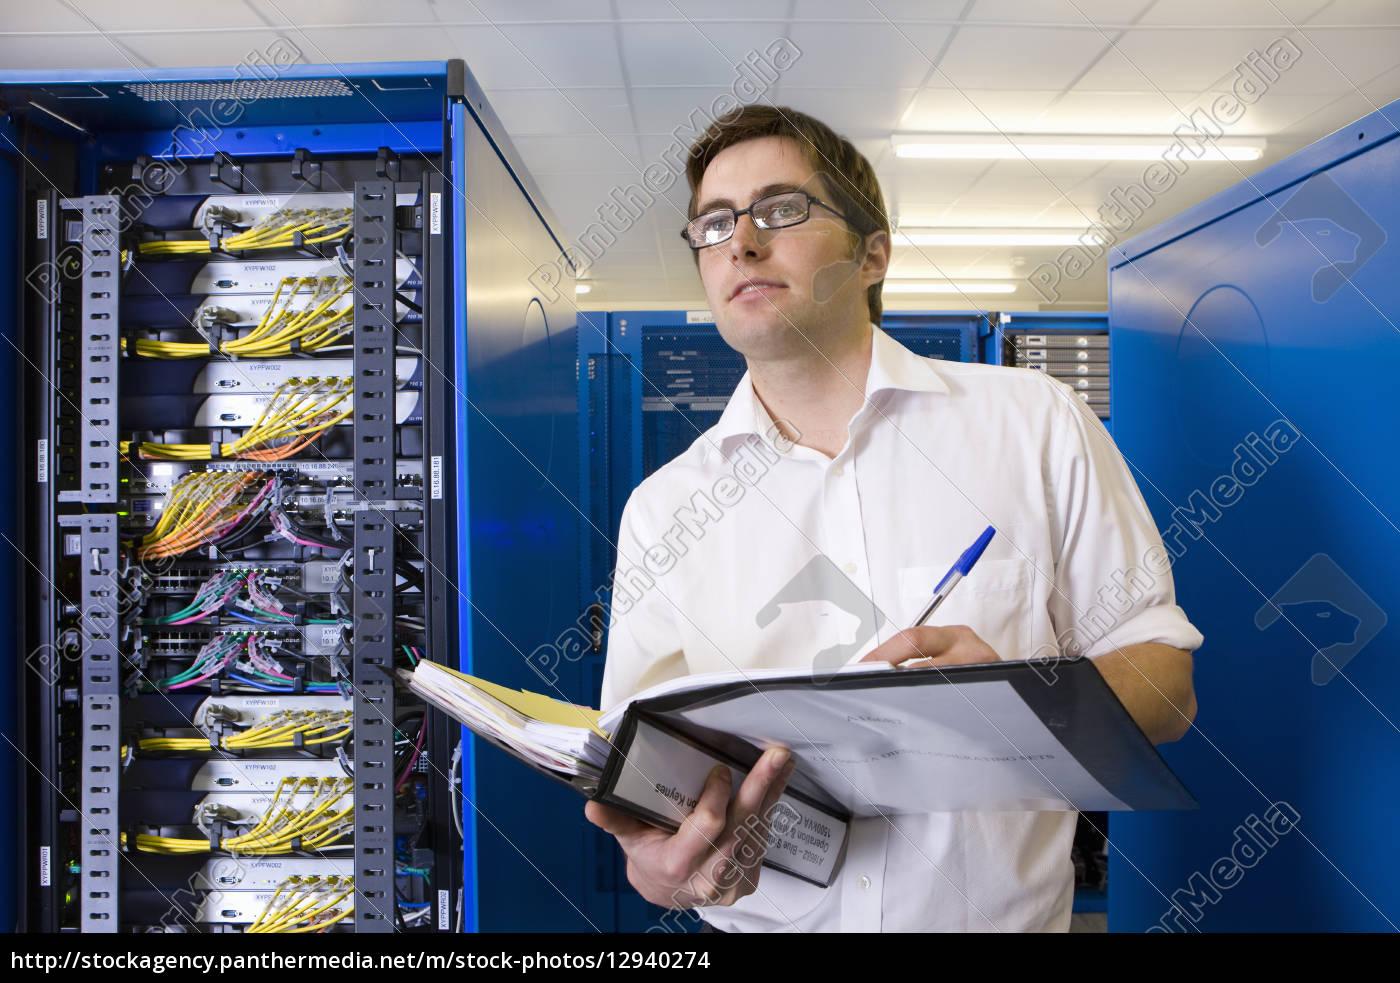 It techniker mit einem bindemittel im netzwerk stock for Ict techniker